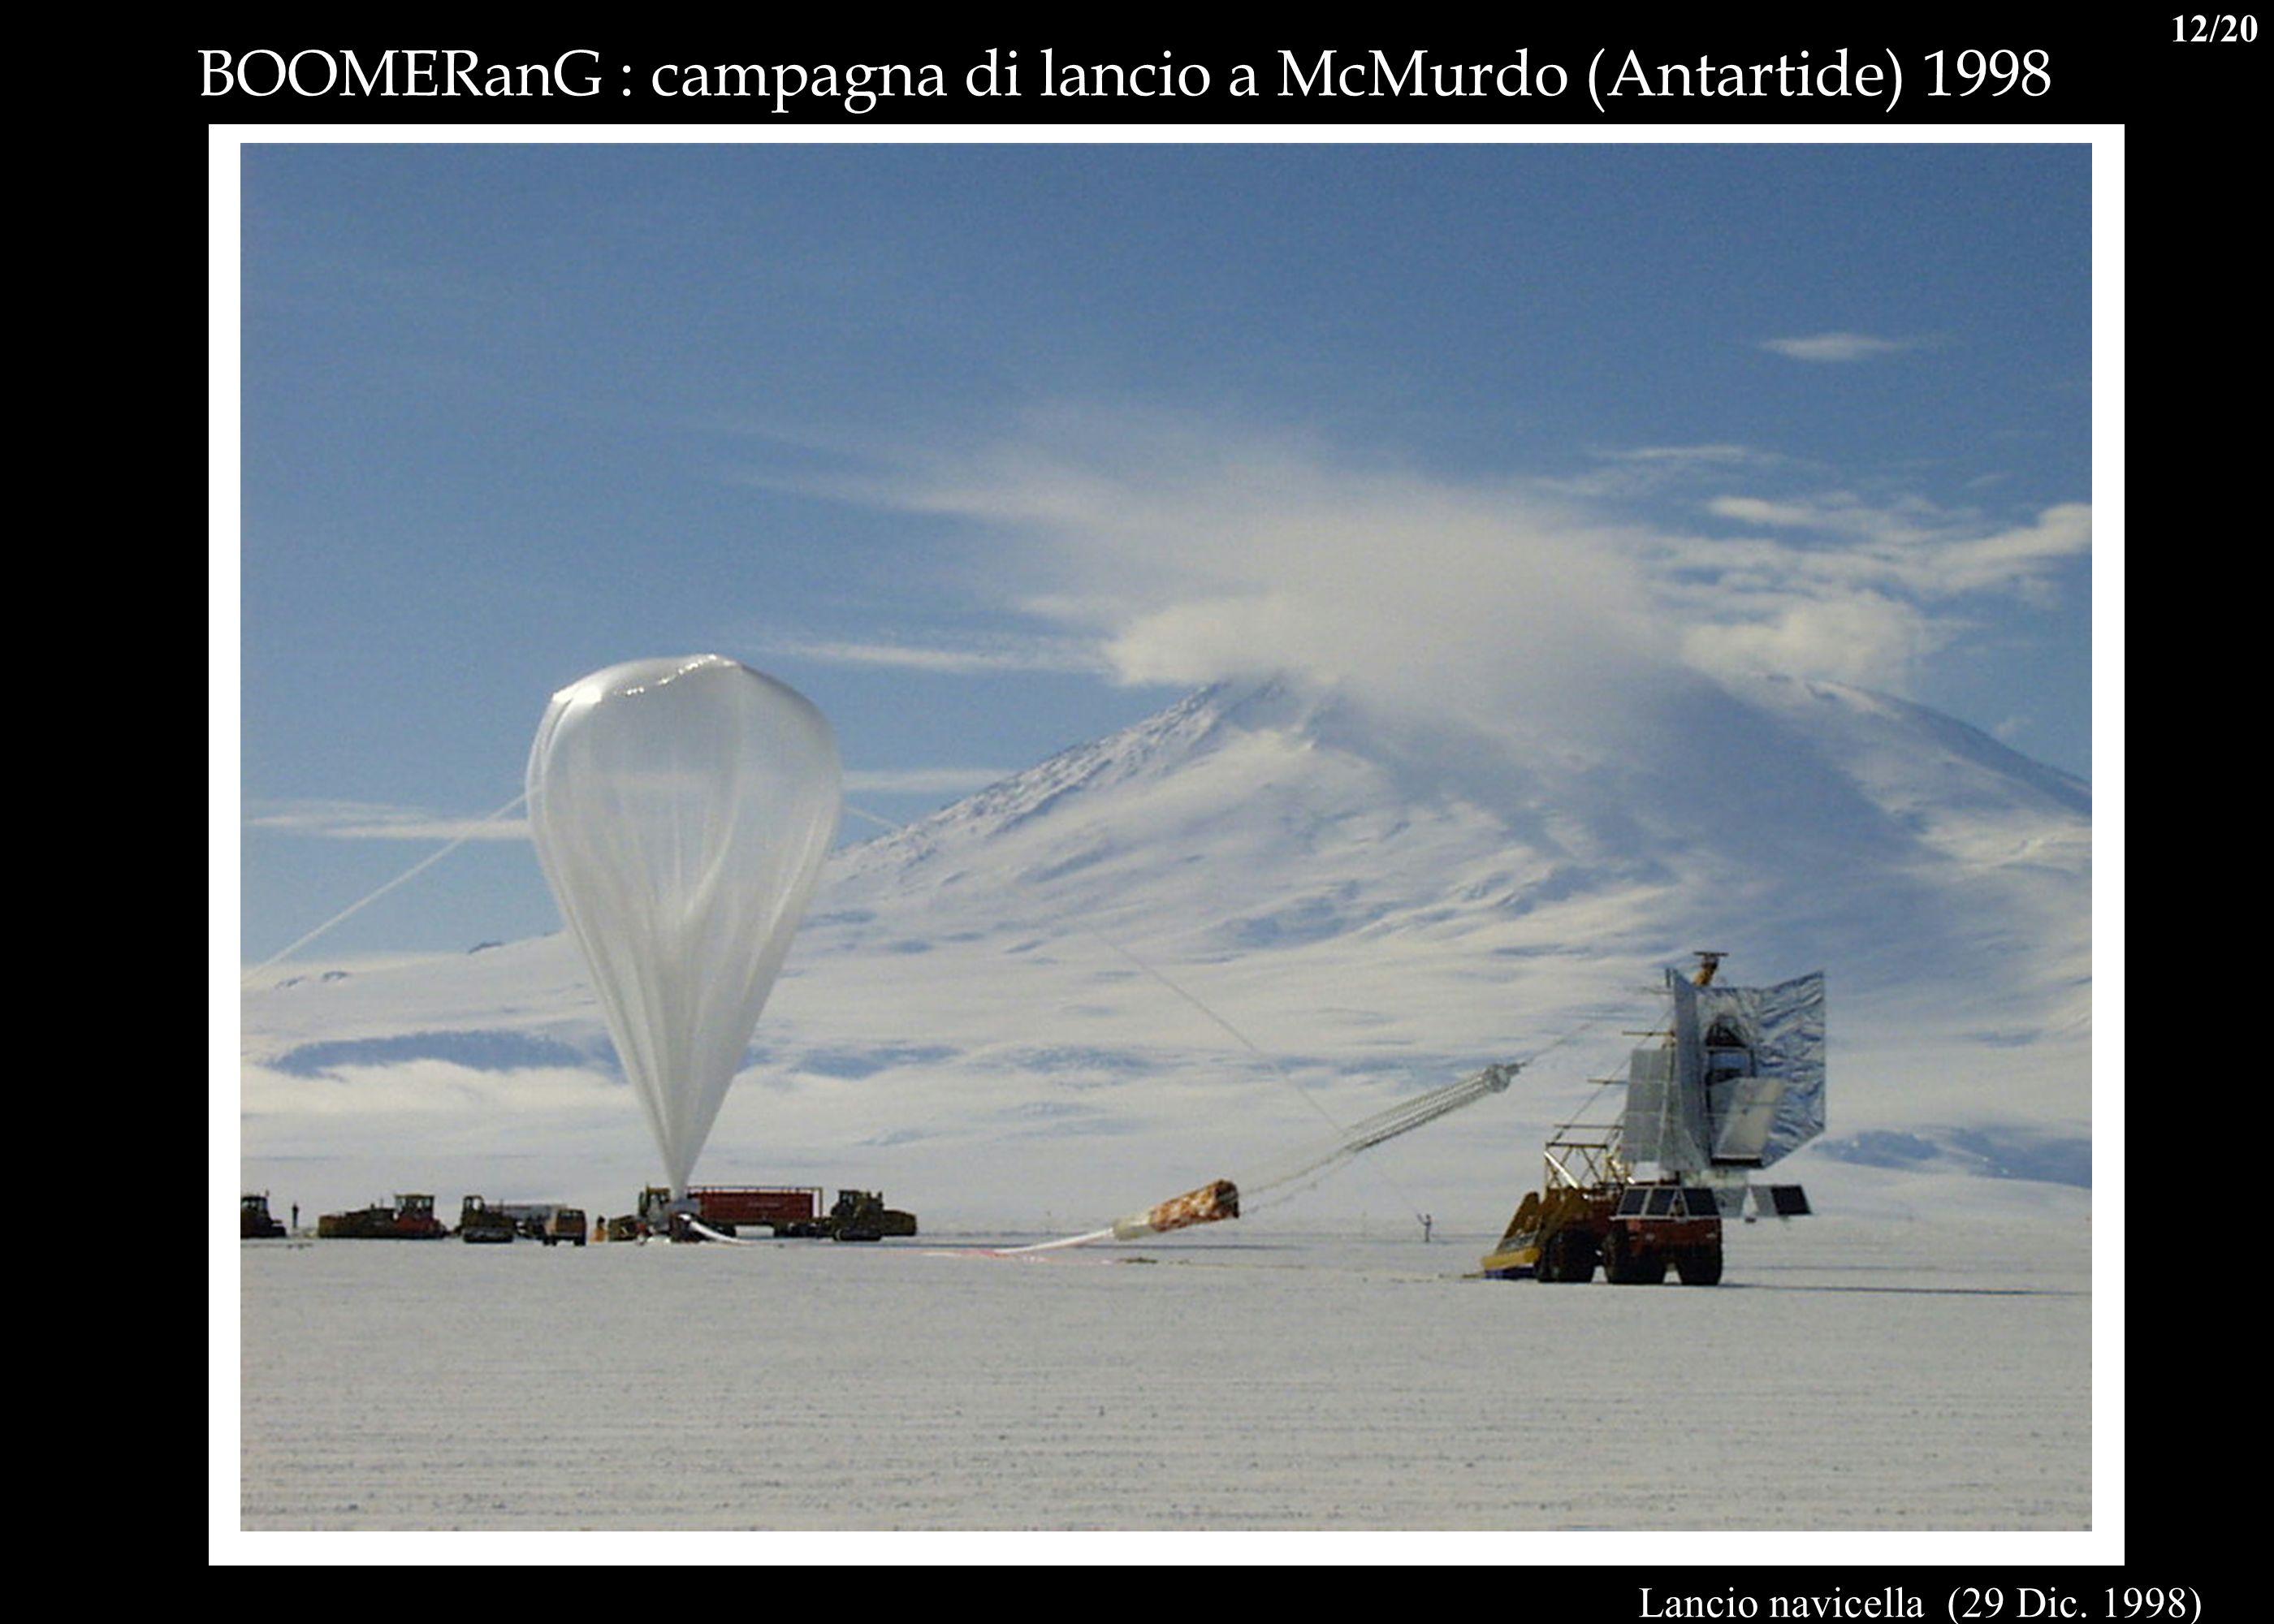 BOOMERanG : campagna di lancio a McMurdo (Antartide) 1998 Lancio navicella (29 Dic. 1998) 12/20